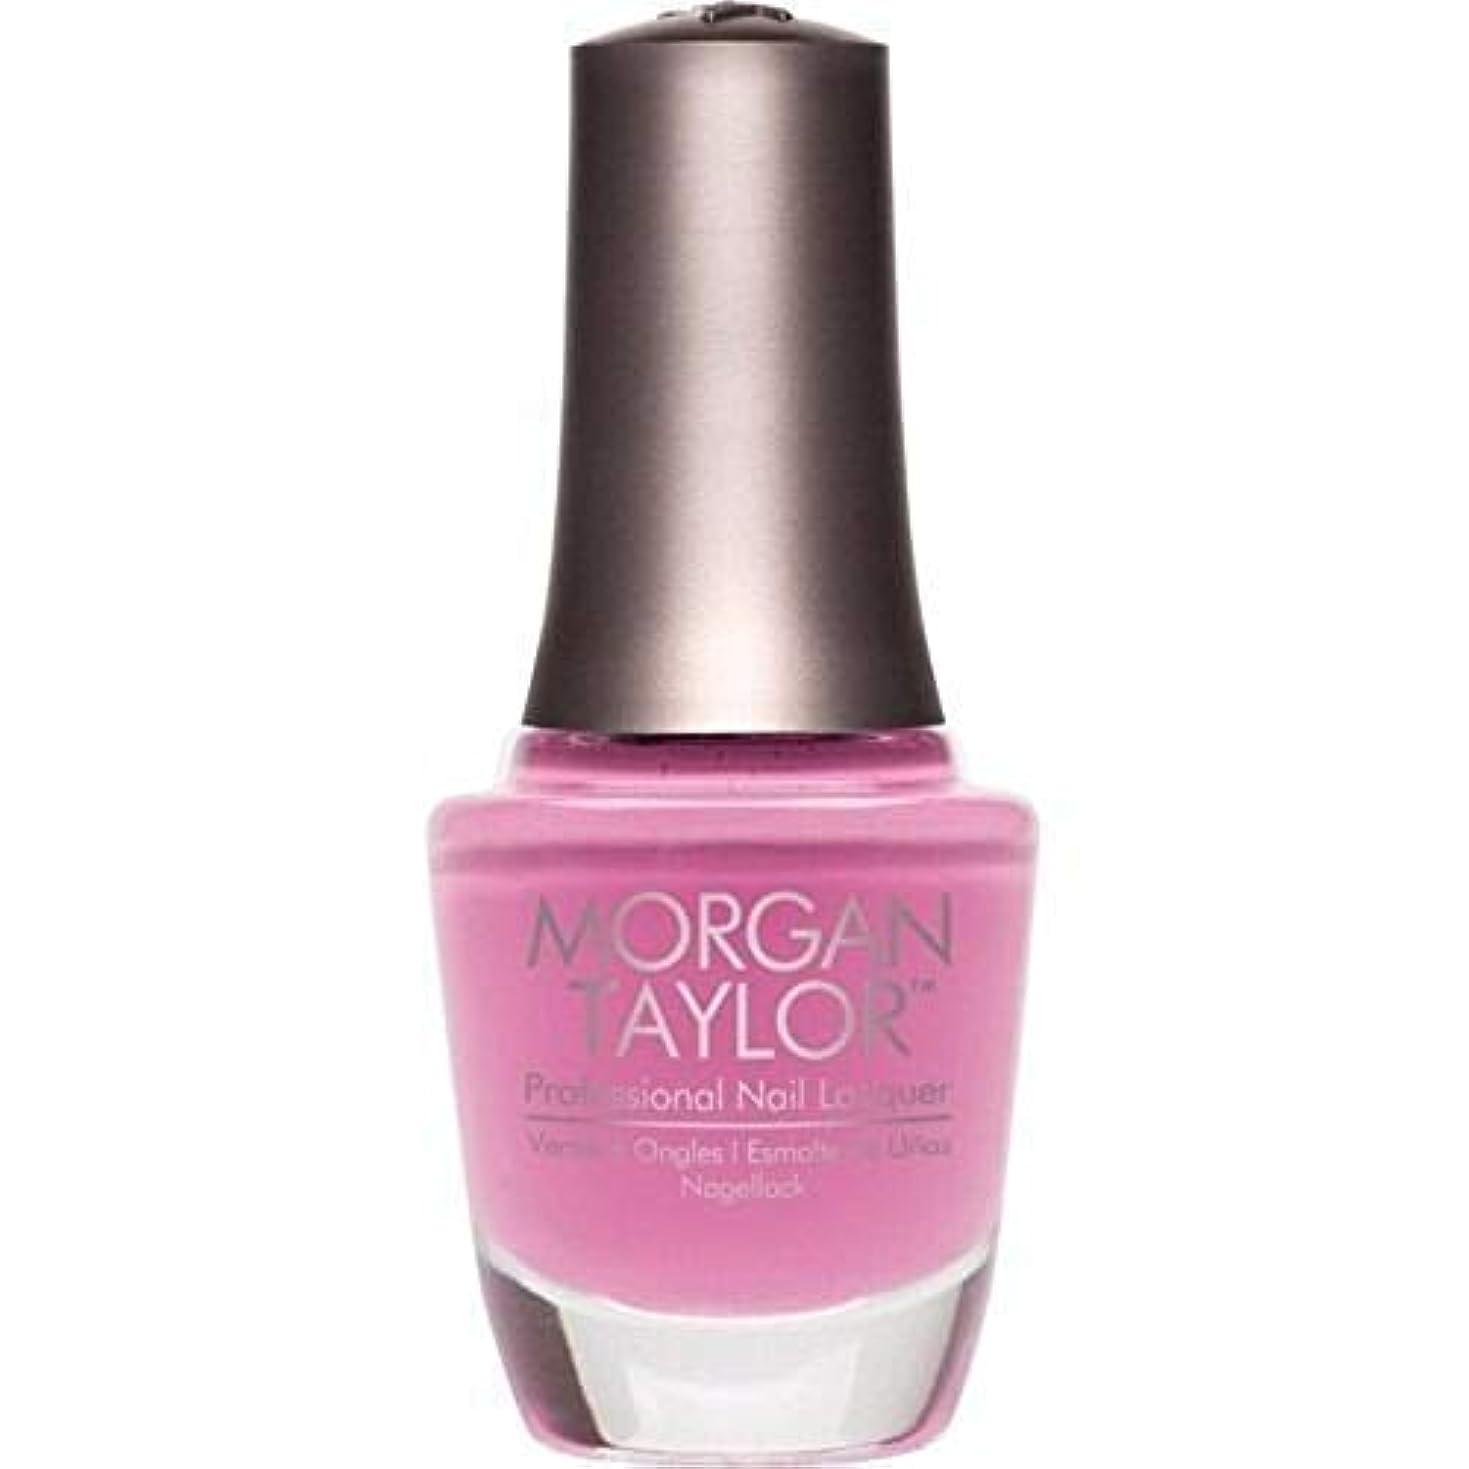 熱狂的な免疫する葡萄Morgan Taylor - Professional Nail Lacquer - Look at You, Pink-achu! - 15 mL / 0.5oz